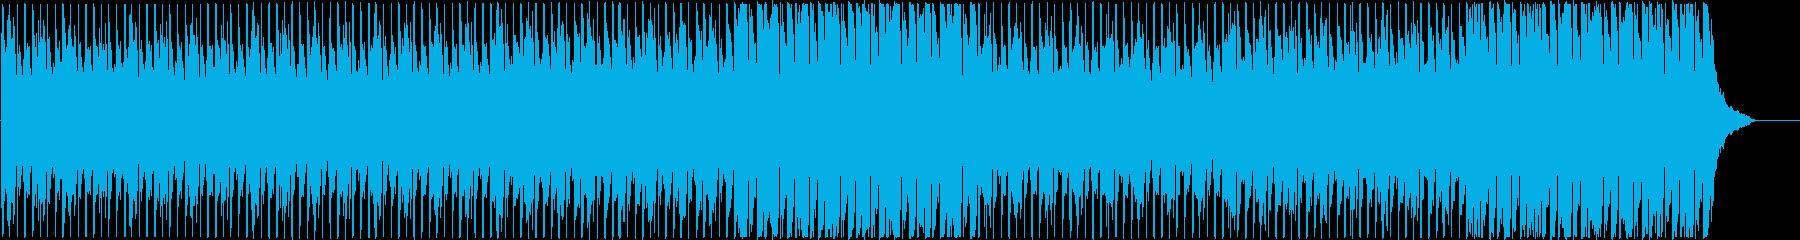 企業VPなどに 鮮やか・爽やかな楽曲の再生済みの波形